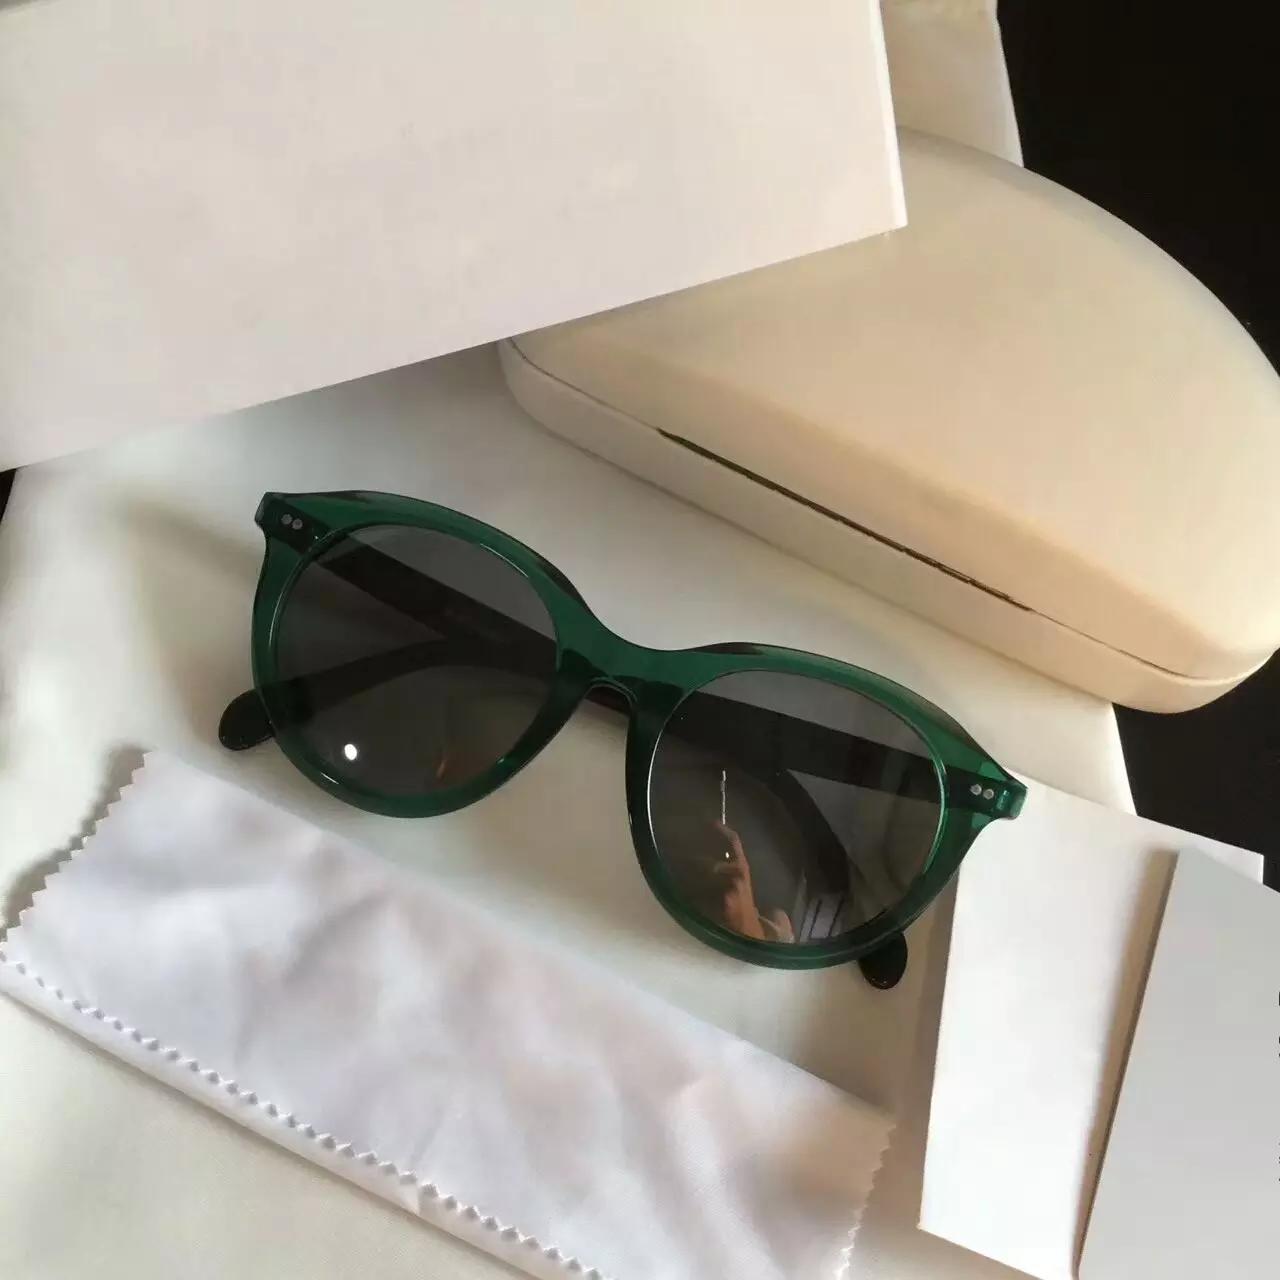 f6c0f67e0a New Men Women Sunglasses 41430 F Designer Sunglasses Mens Sunglasses for Men  And Women Sun Glasses Uv400 Lens Oculos with Original Packaging Women ...